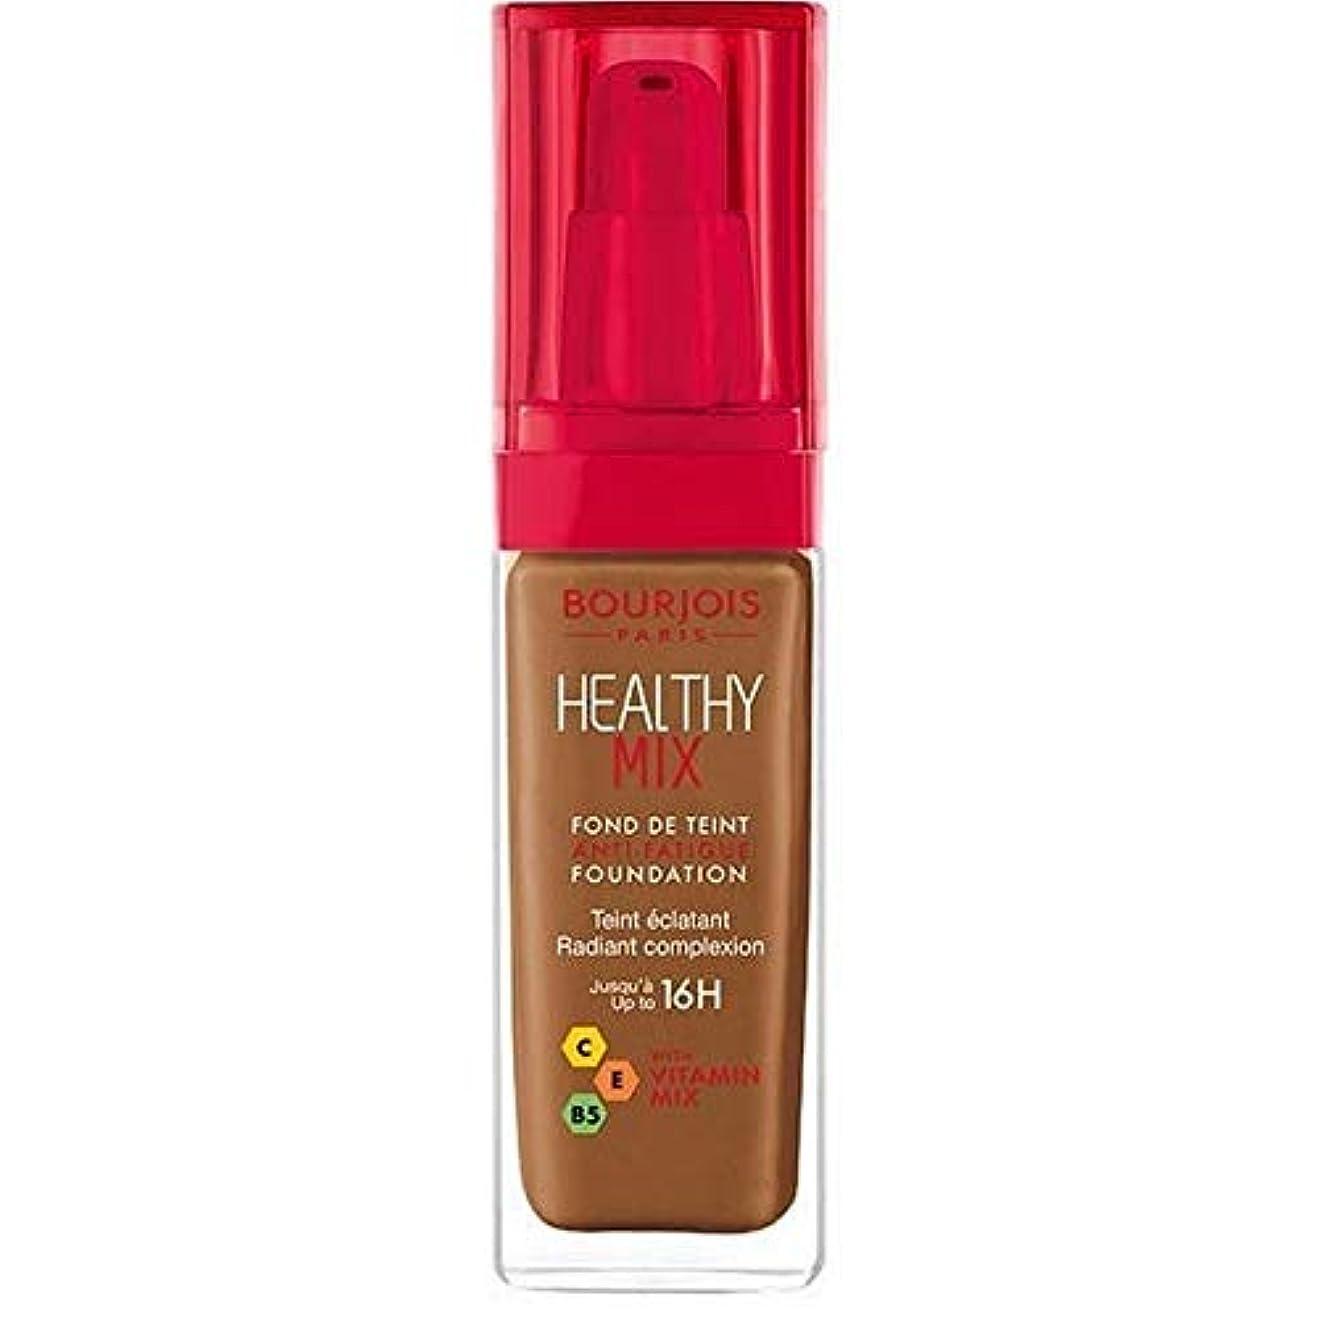 クレアステーキシンプトン[Bourjois ] ブルジョワヘルシーミックス基盤63ココア - Bourjois Healthy Mix Foundation 63 Cocoa [並行輸入品]